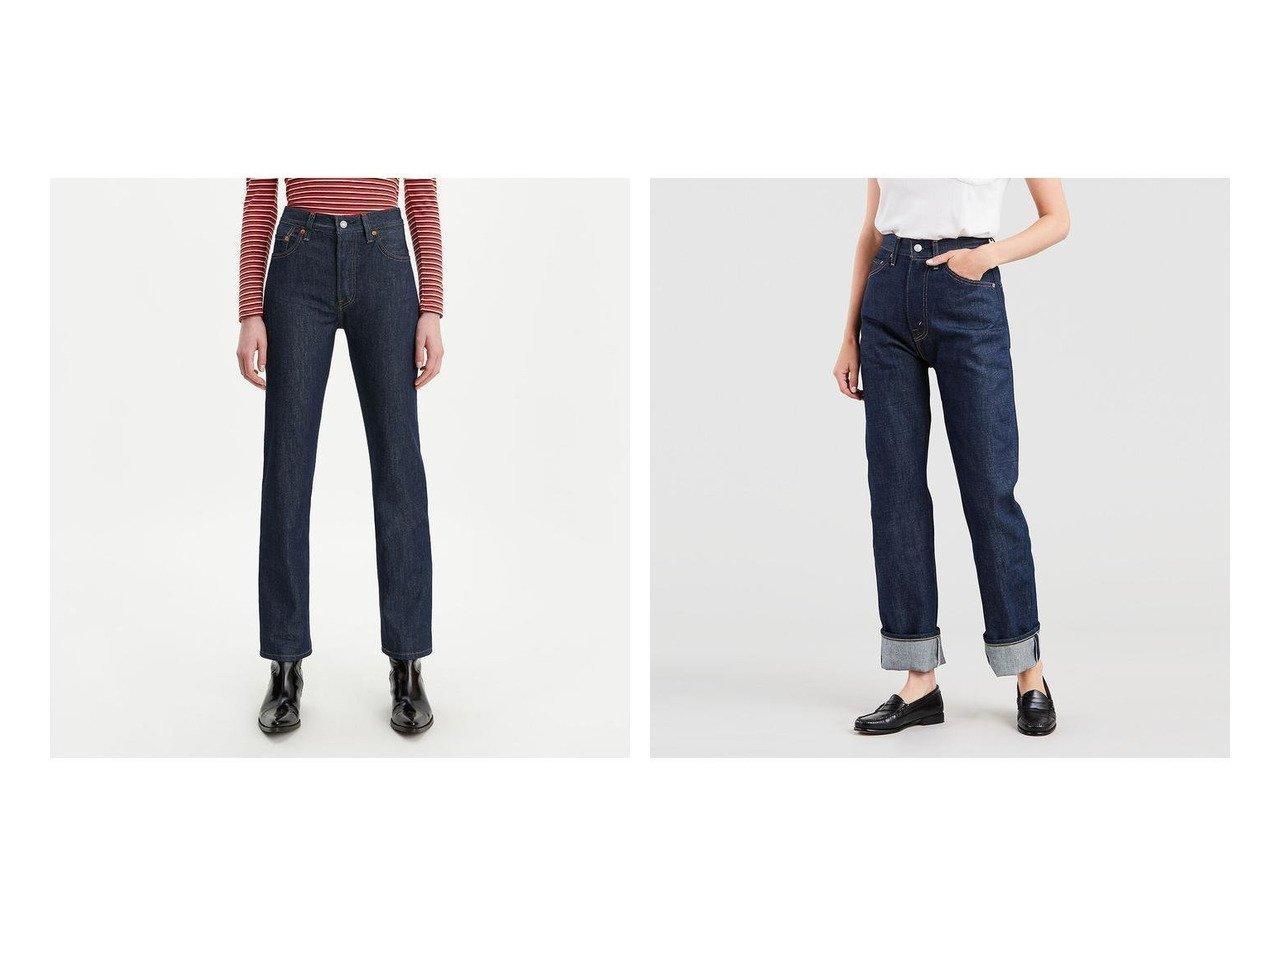 【LEVI'S /リーバイス 】の501(R) JEANS FOR WOMEN ACROSS A PLAIN&1950モデル/リジッド/セルビッジ/12.3oz パンツのおすすめ!人気、トレンド・レディースファッションの通販 おすすめで人気の流行・トレンド、ファッションの通販商品 メンズファッション・キッズファッション・インテリア・家具・レディースファッション・服の通販 founy(ファニー) https://founy.com/ ファッション Fashion レディースファッション WOMEN パンツ Pants デニムパンツ Denim Pants ジーンズ デニム パッチ タンブラー 人気 フィット ブロック ポケット  ID:crp329100000022440